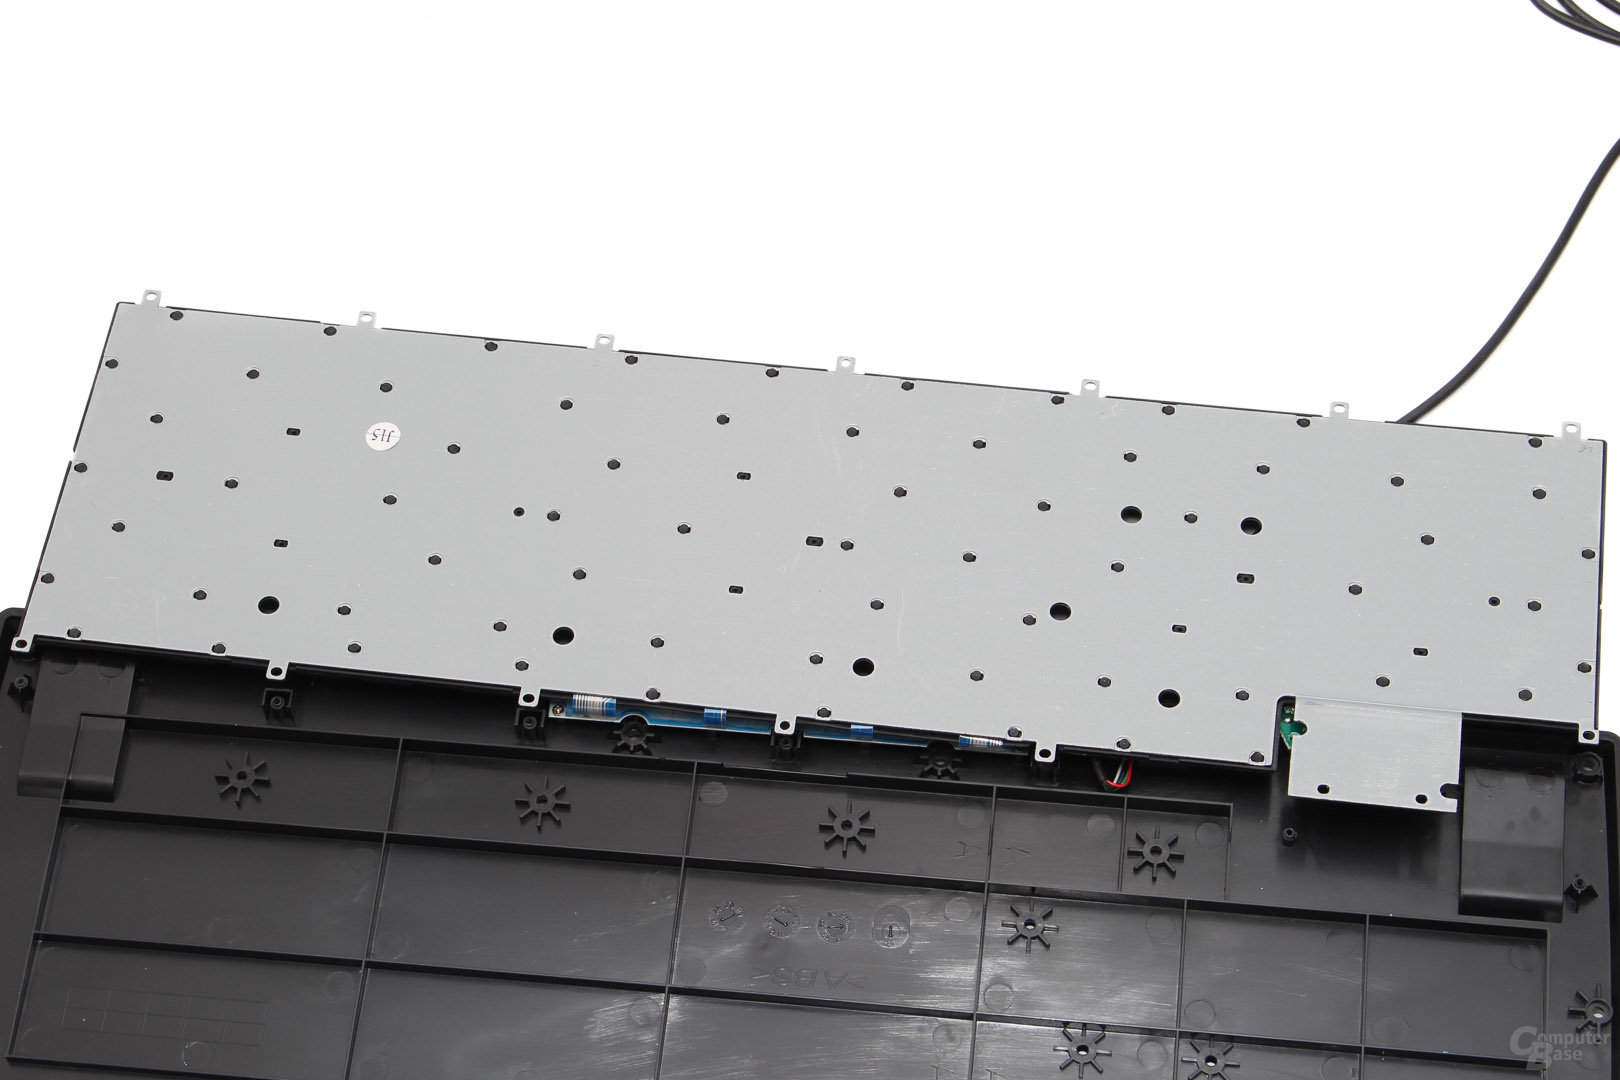 Die Cherry G85 montiert Schalter auf einer Metallplatte (G85)